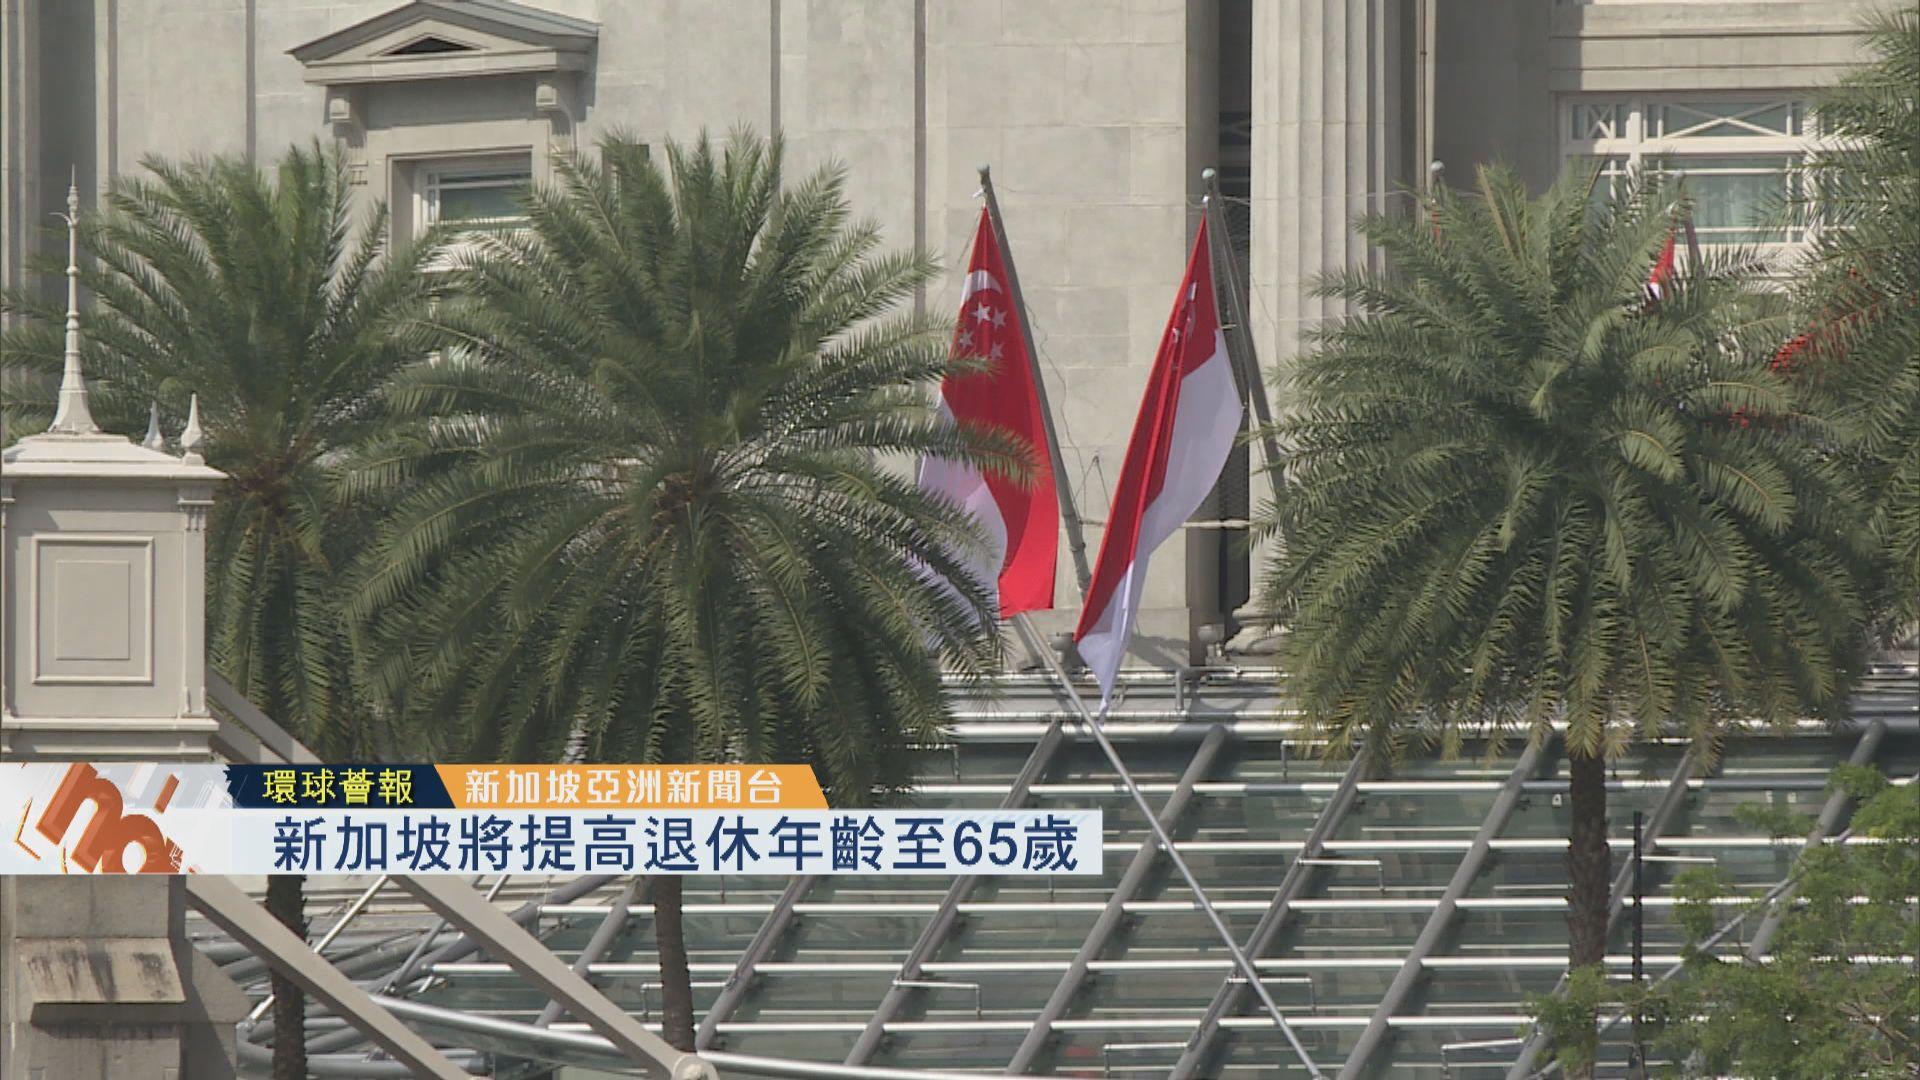 【環球薈報】新加坡將提高退休年齡至65歲